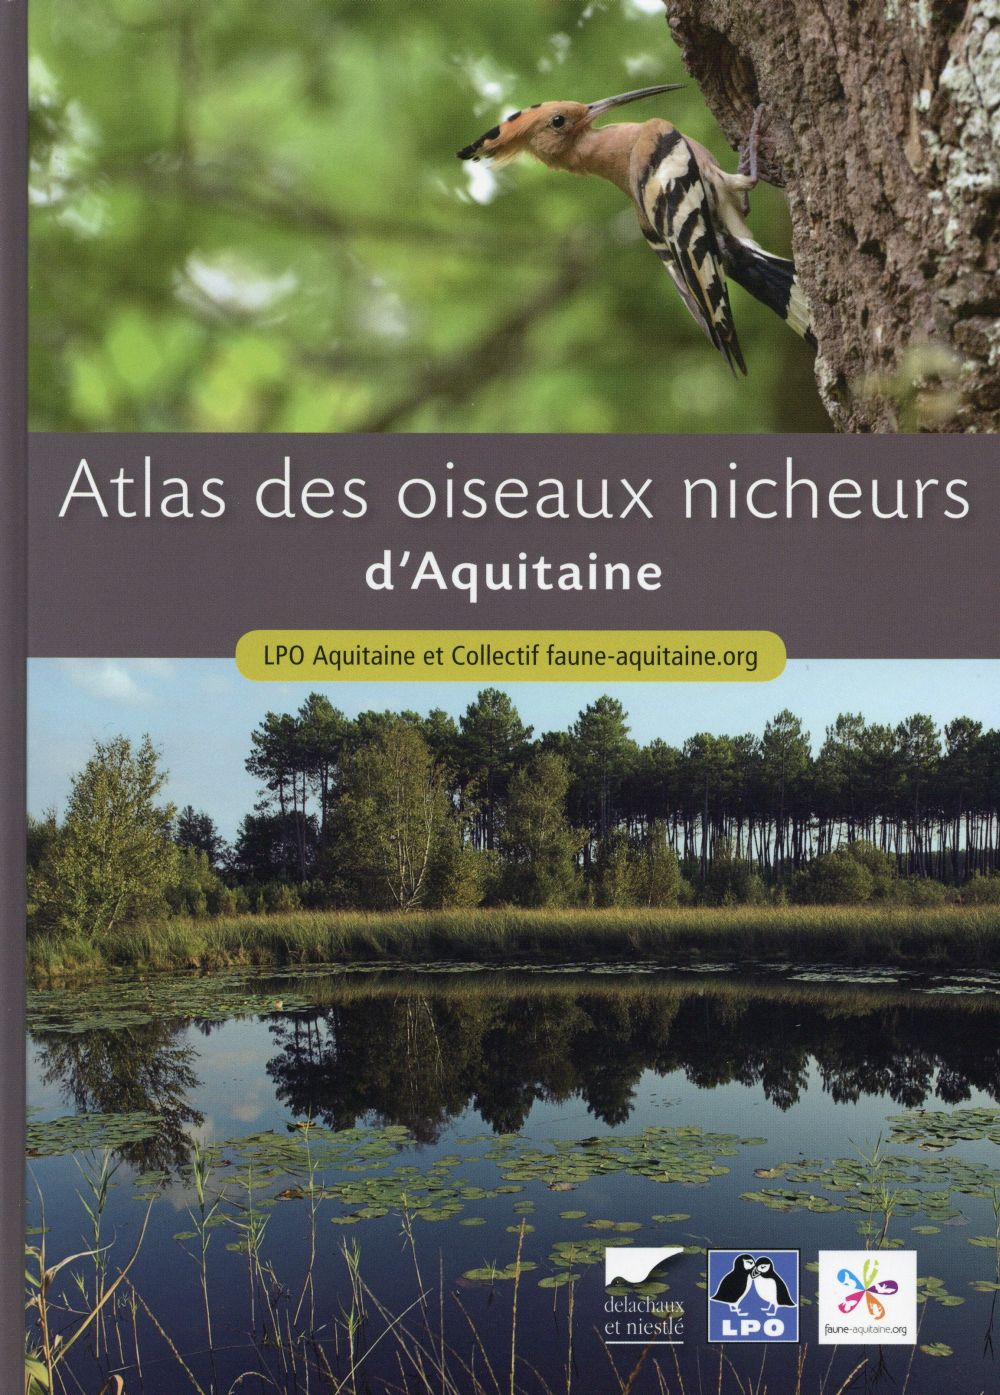 ATLAS DES OISEAUX NICHEURS D'AQUITAINE LPO AQUITAINE L A. Delachaux et Niestlé